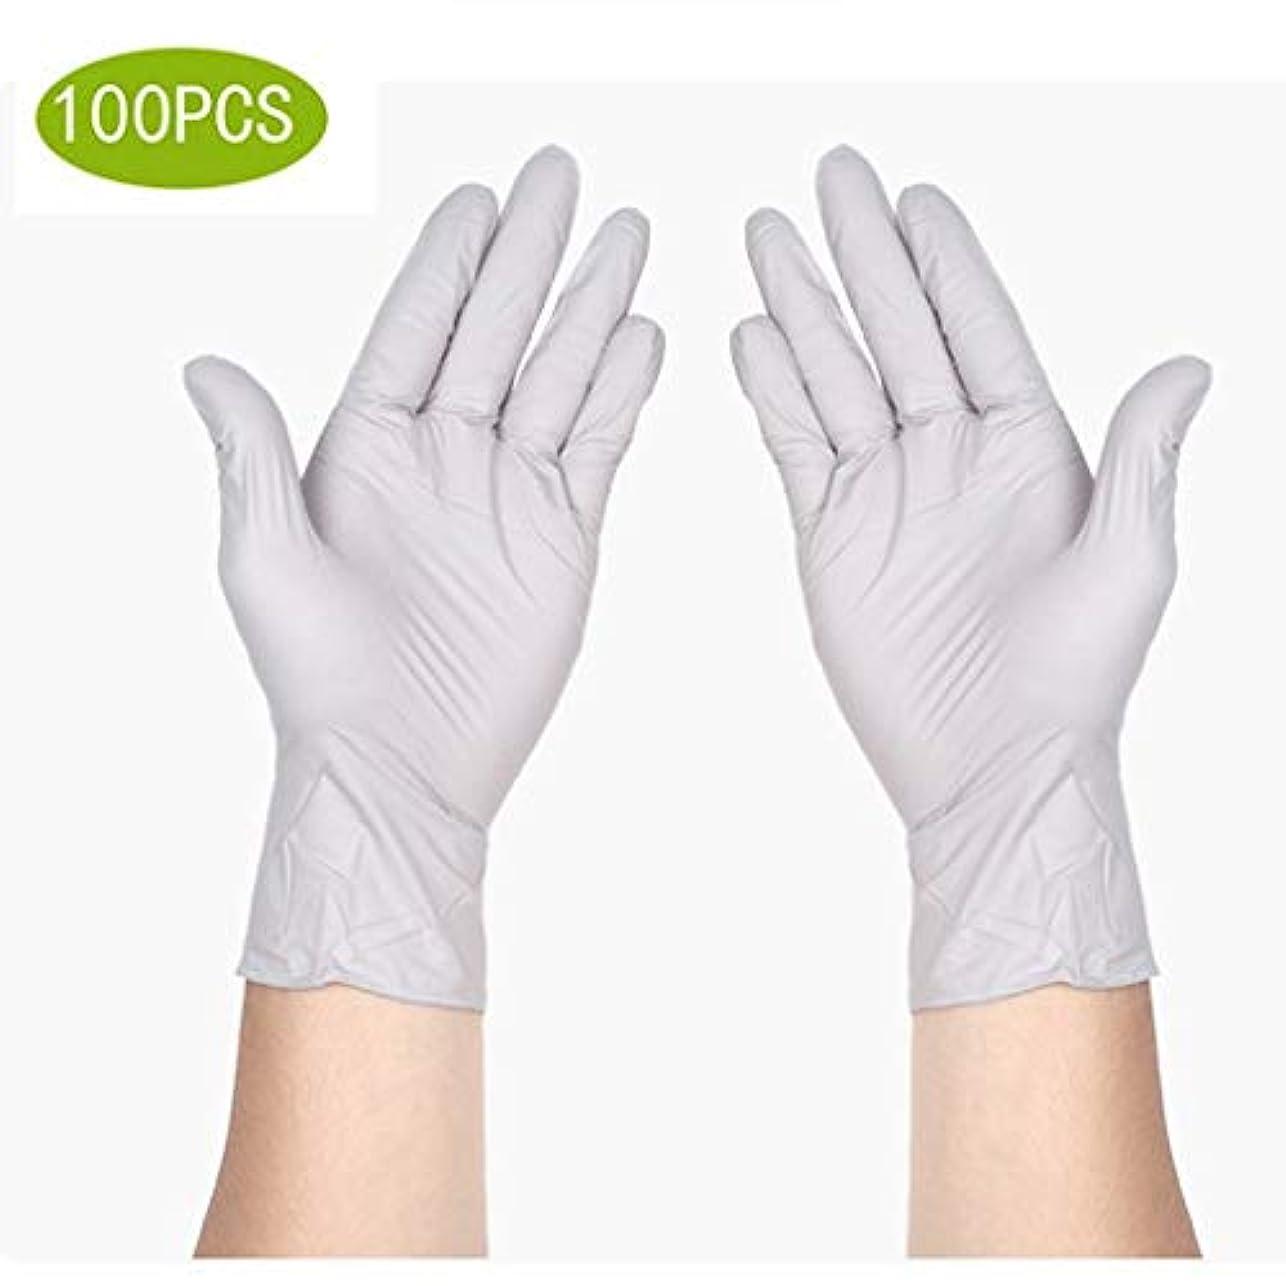 空翻訳者プリーツサニタリー手袋ニトリル医療グレード試験用手袋、使い捨て、ラテックスフリー、100カウント滅菌使い捨て安全手袋 (Size : L)